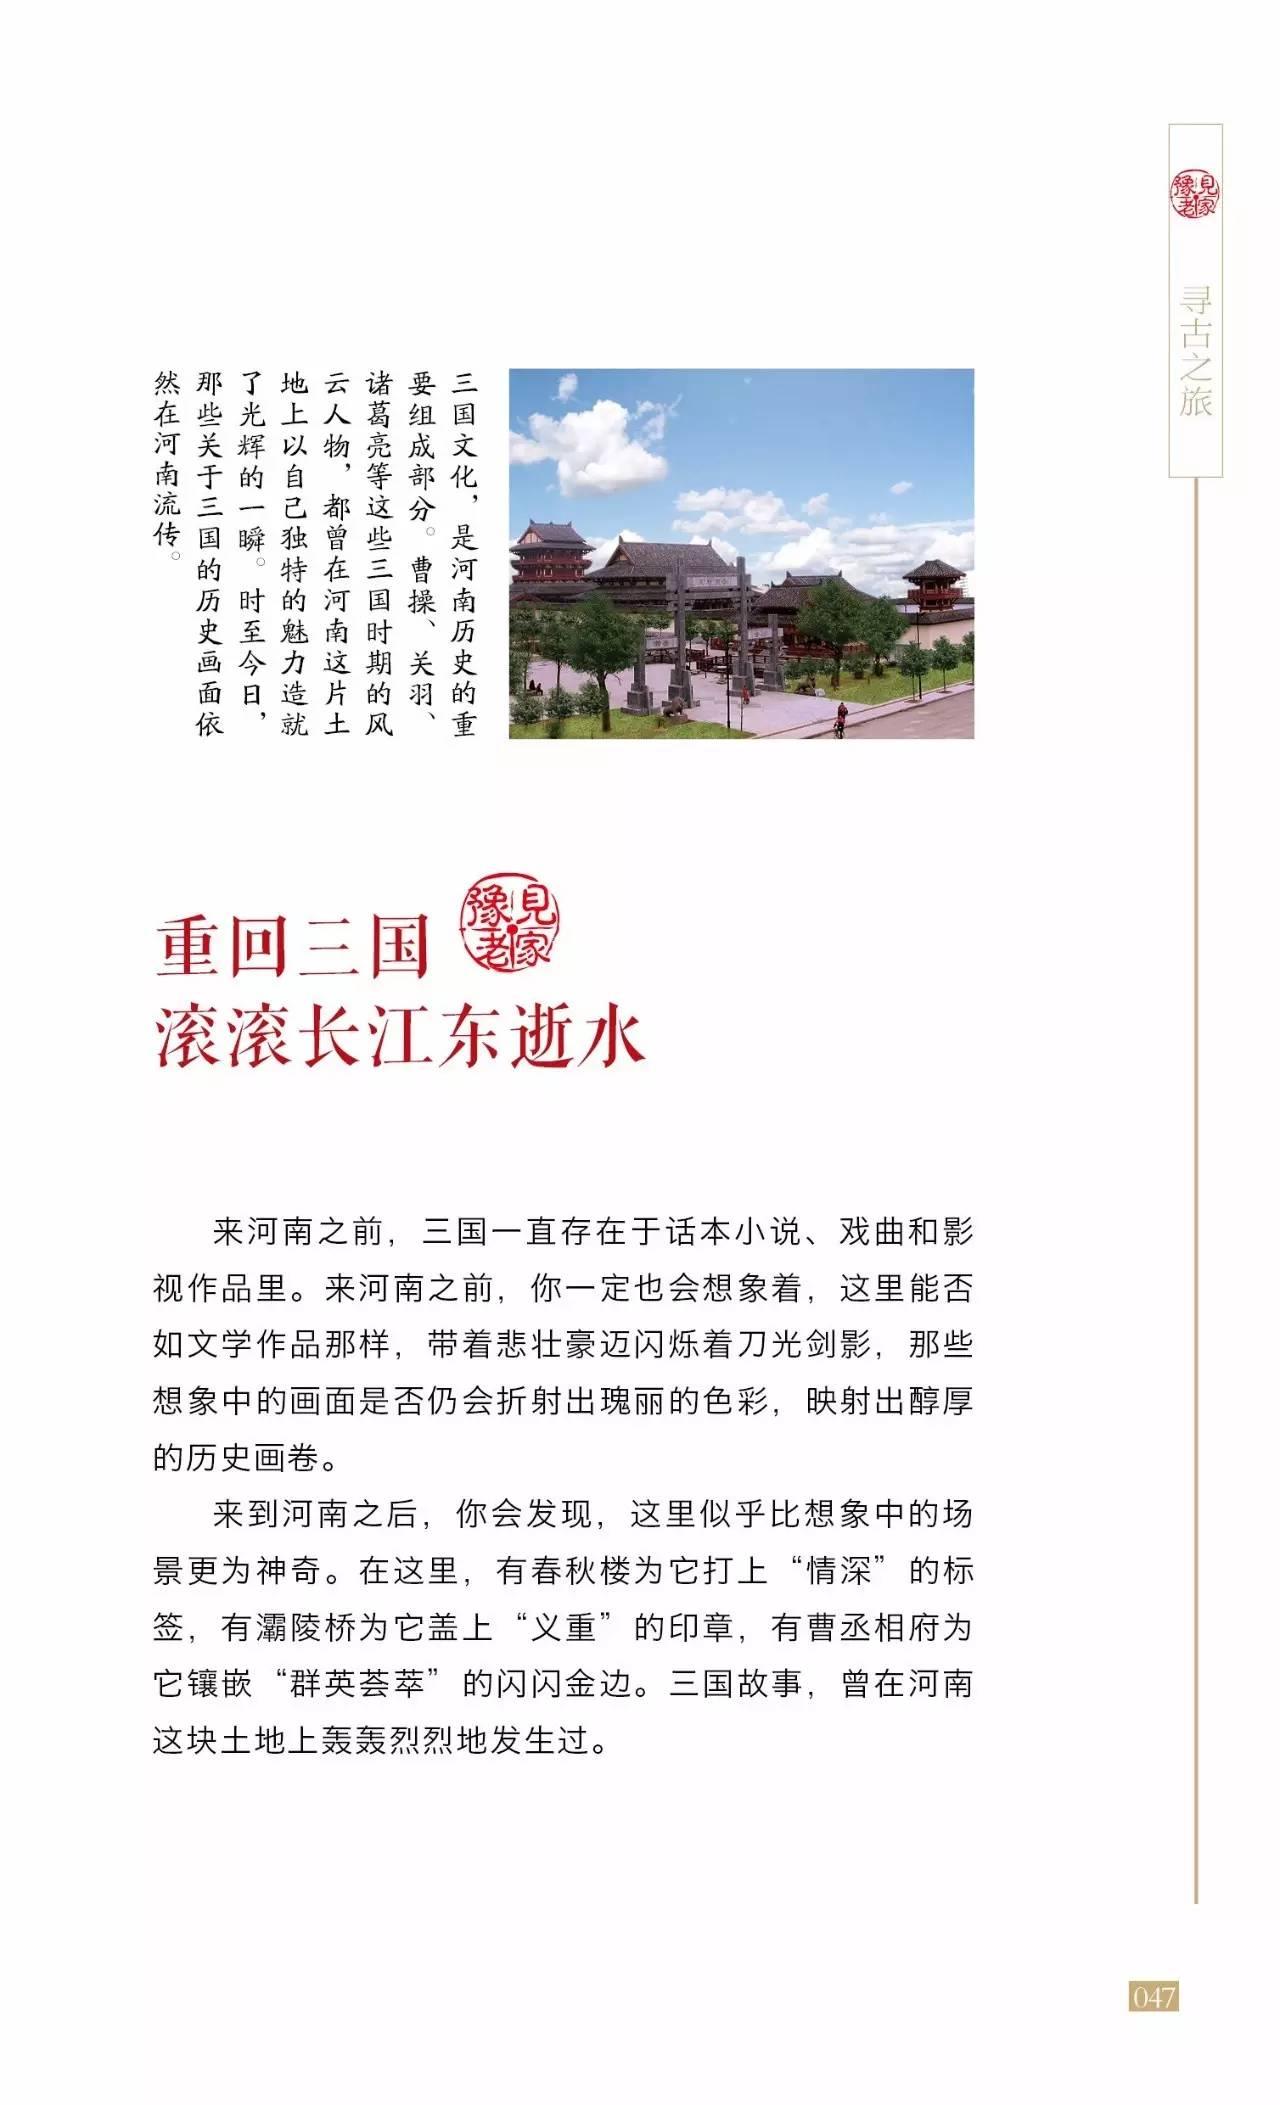 【河南旅游·人文篇】重回三国,滚滚长江东逝水